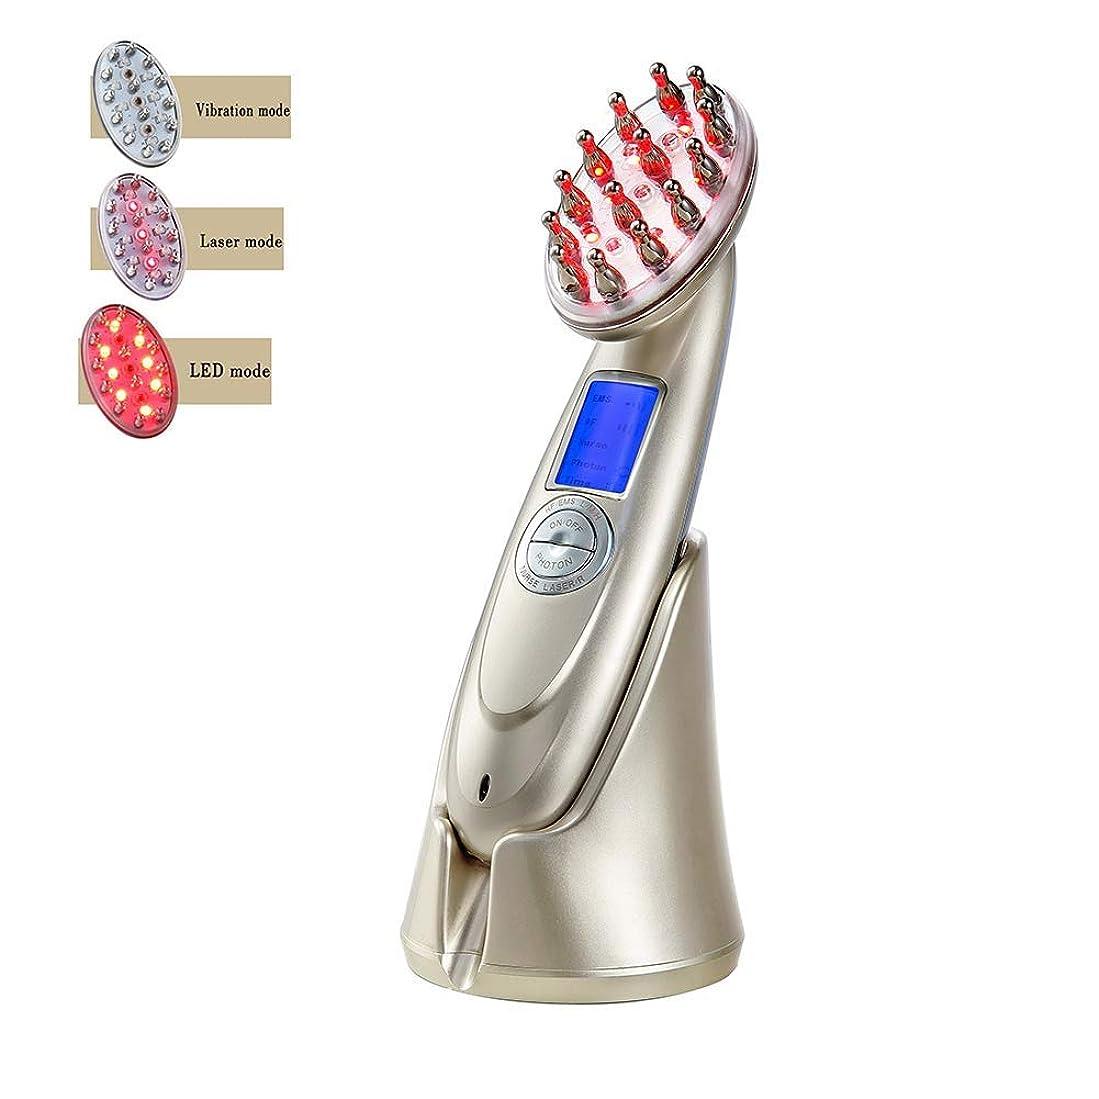 ブランド名データ除外するプロの電気毛の成長レーザーの櫛は RF の EMS LED の光子ライト療法のヘアブラシの反毛の損失の処置マッサージ器の毛の再生のブラシ